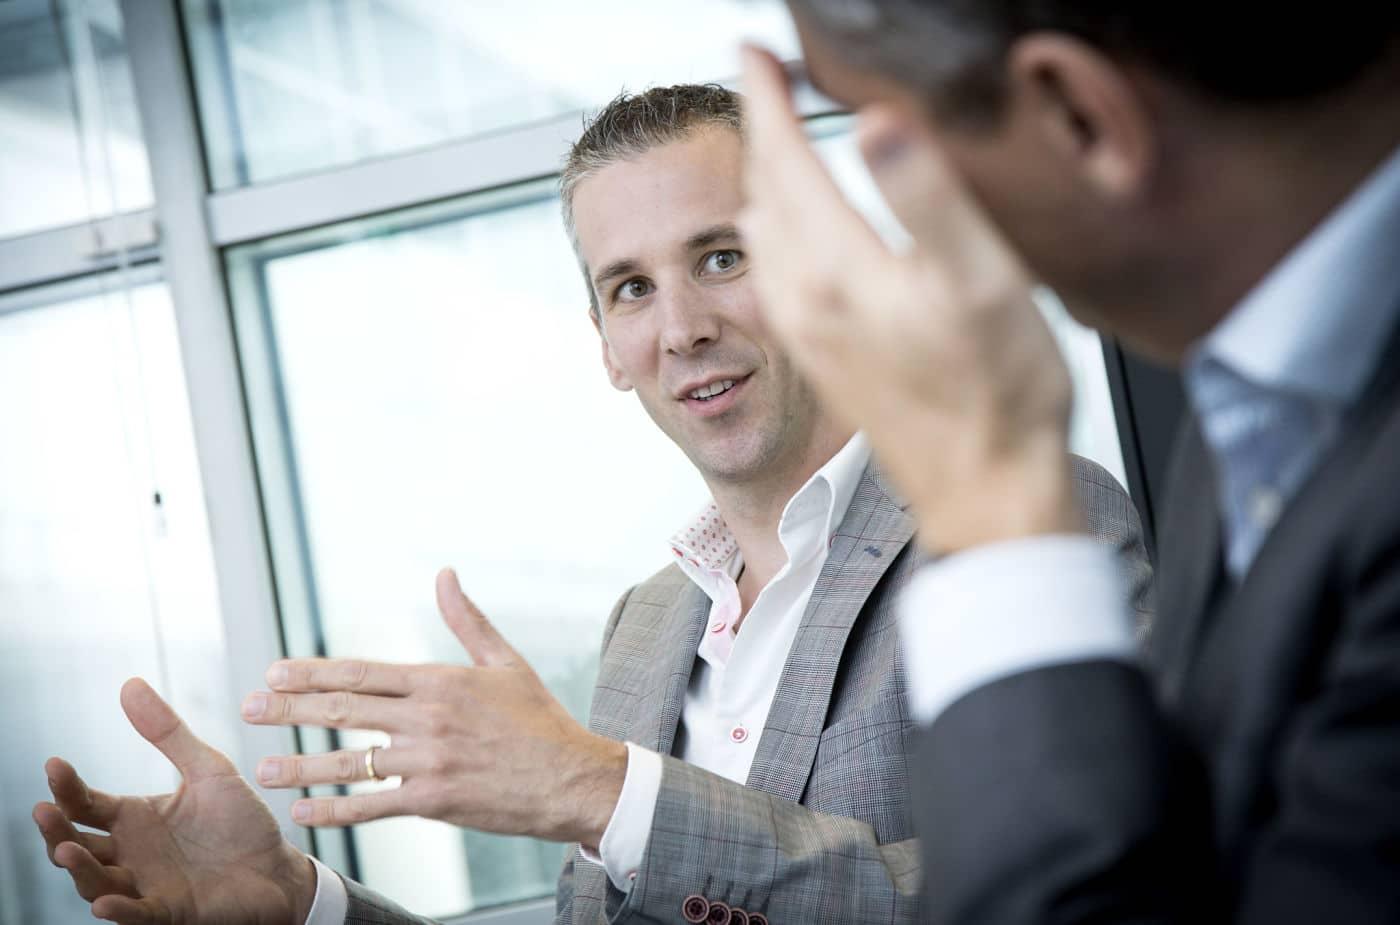 Presentatie laten maken door presentatie-specialist